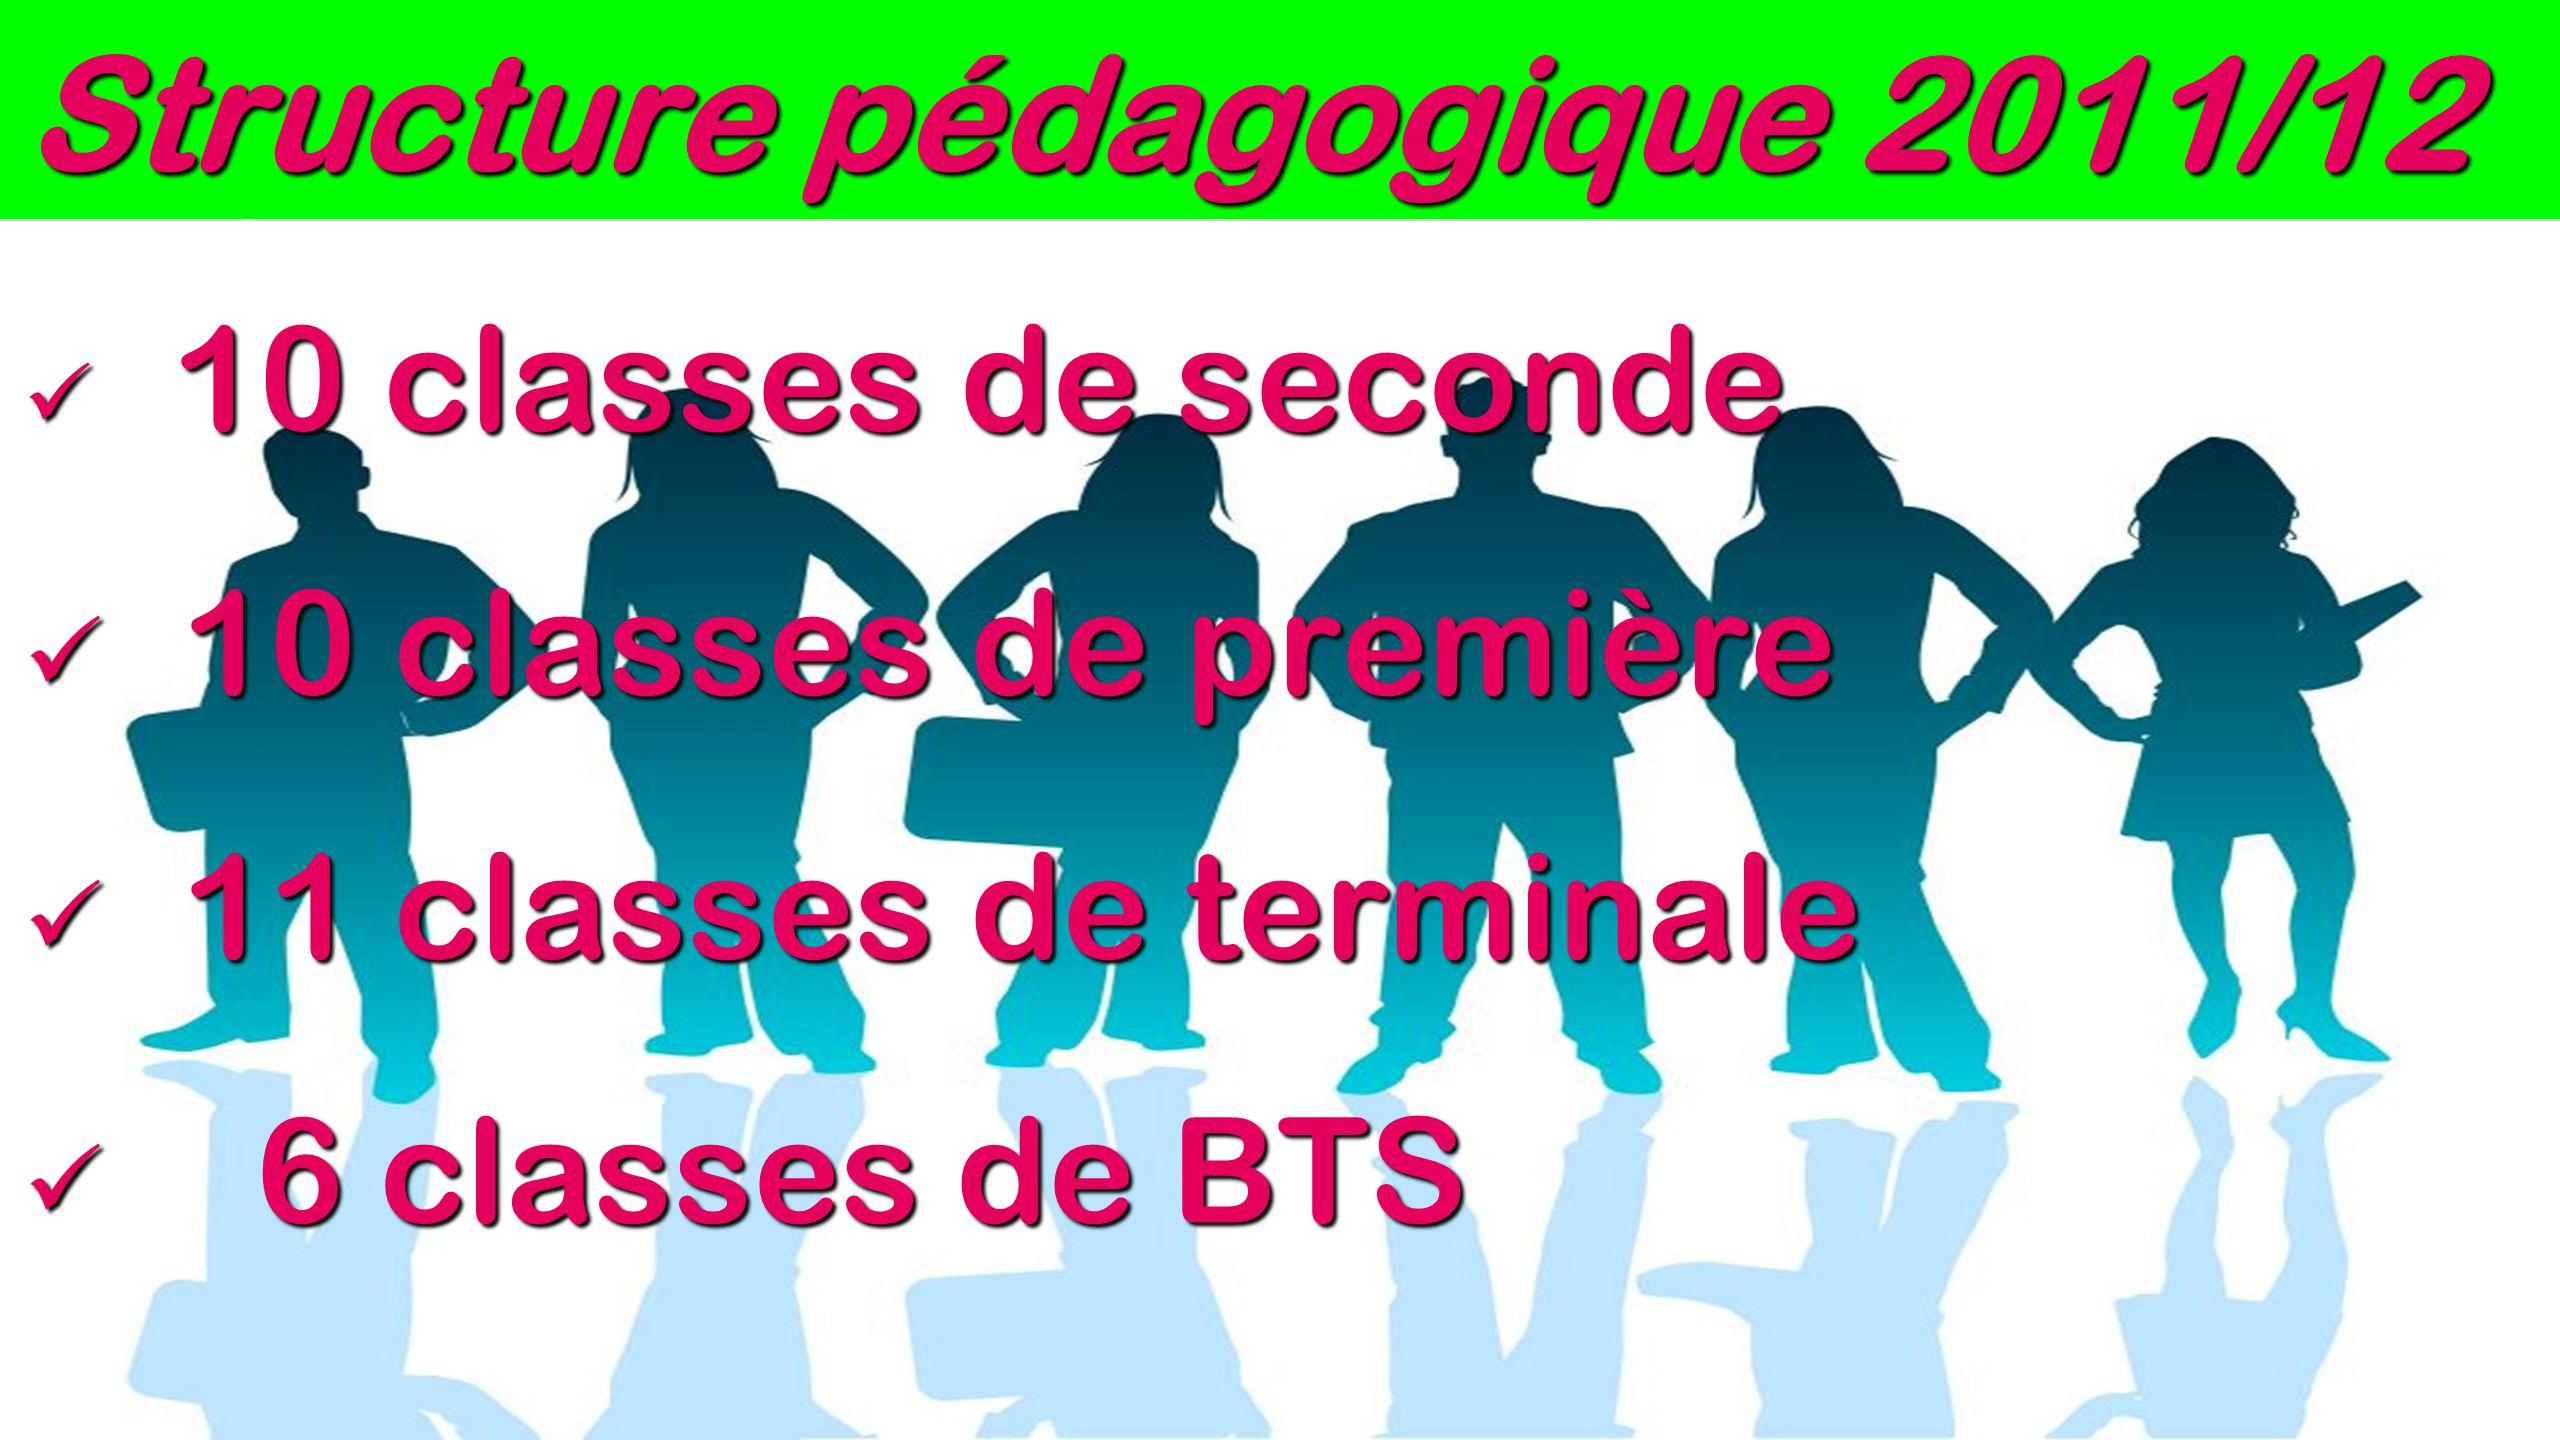 Structure pédagogique 2011/12 10 classes de seconde 10 classes de seconde 10 classes de première 10 classes de première 11 classes de terminale 11 cla